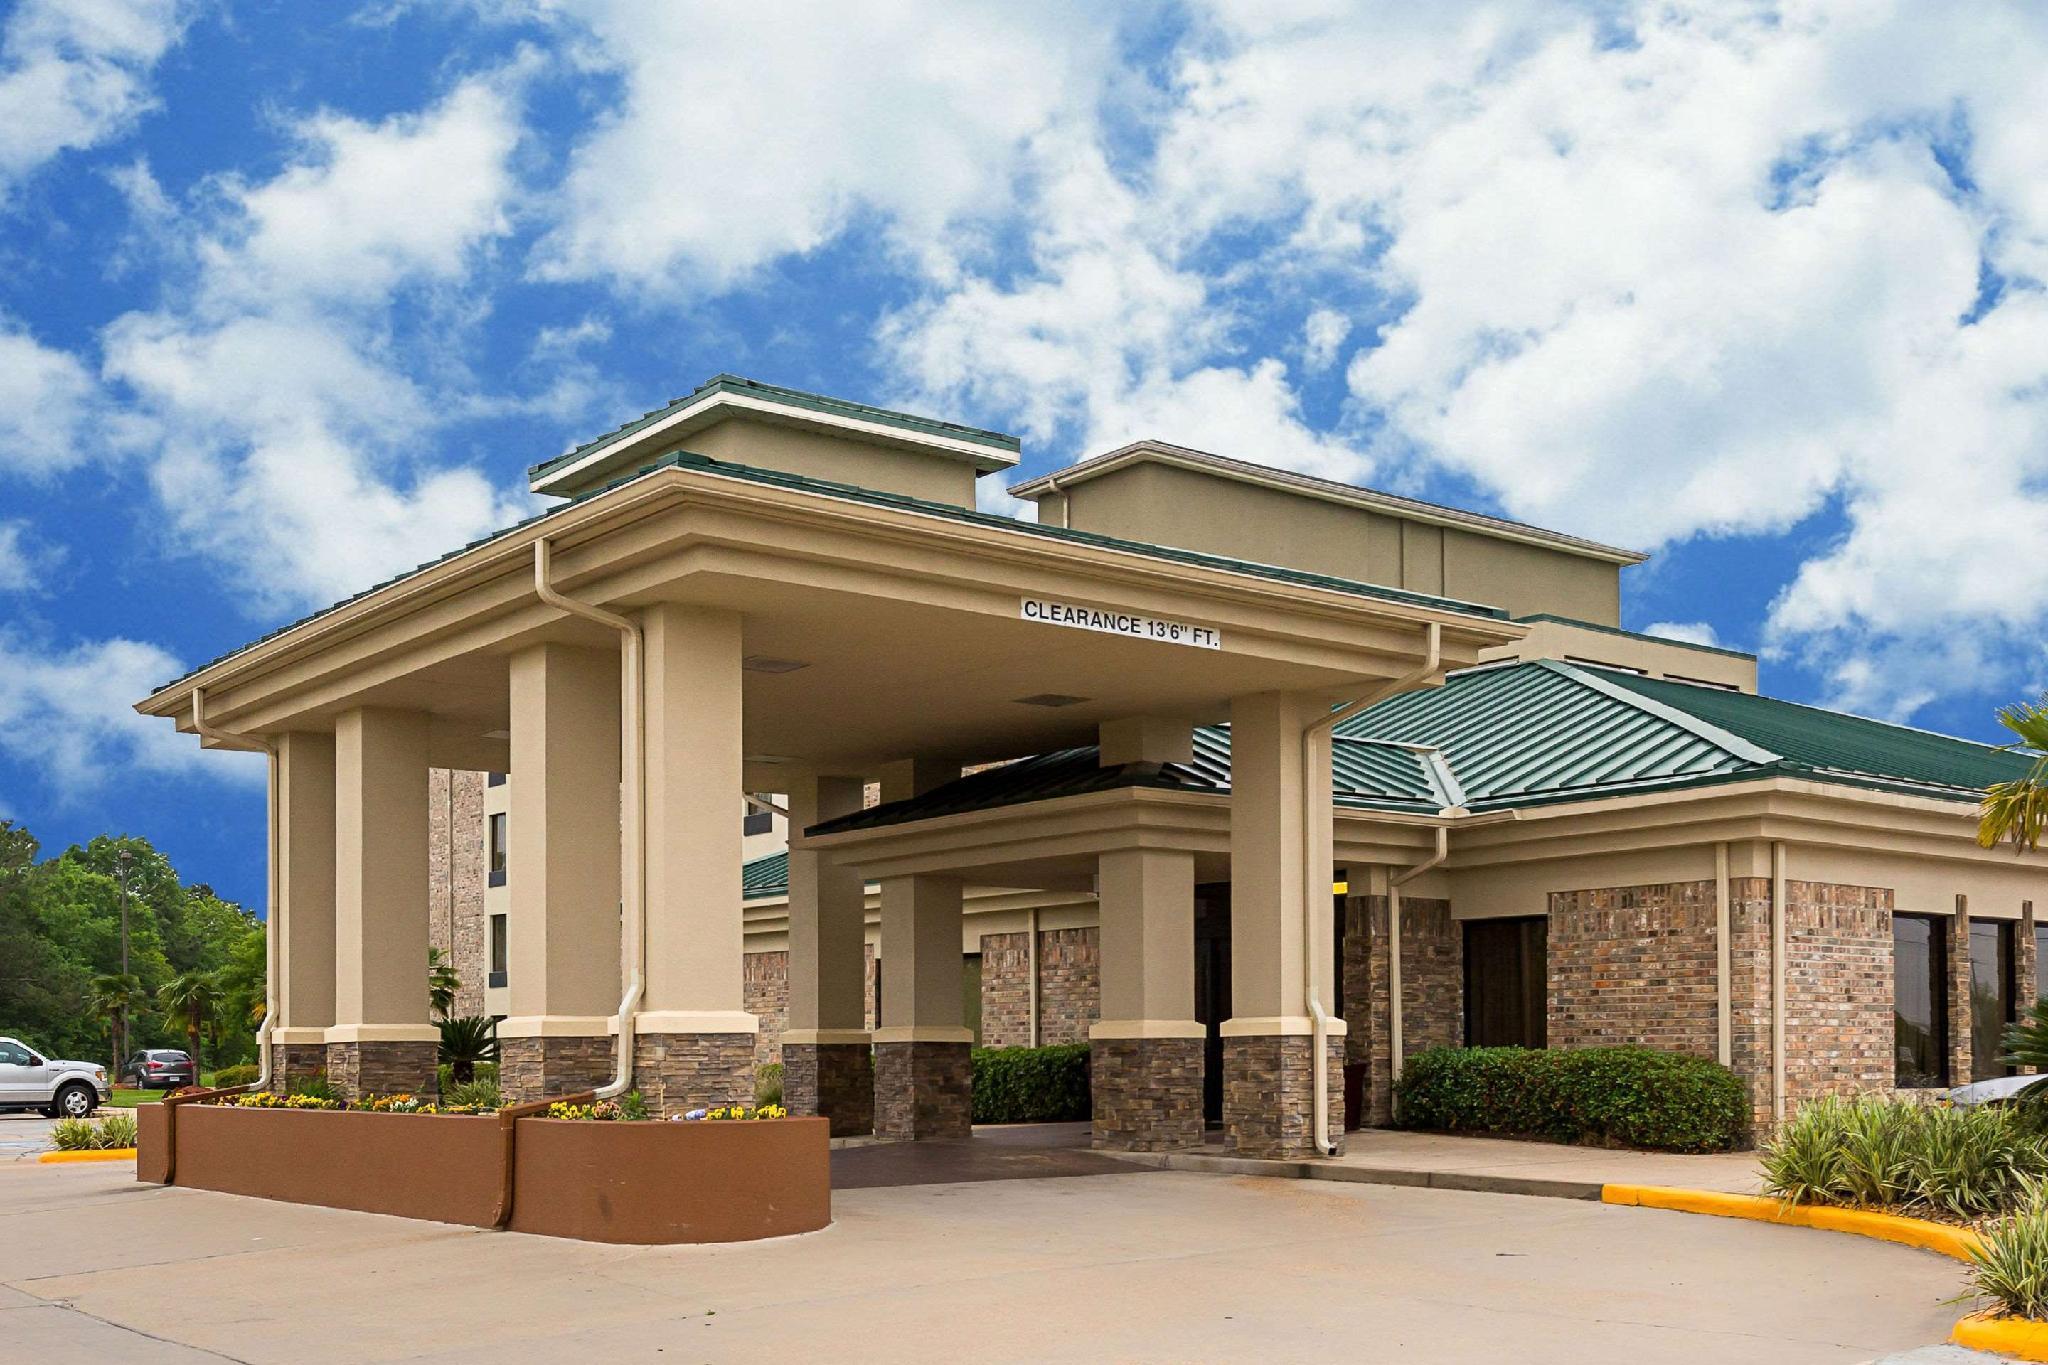 Comfort Inn image